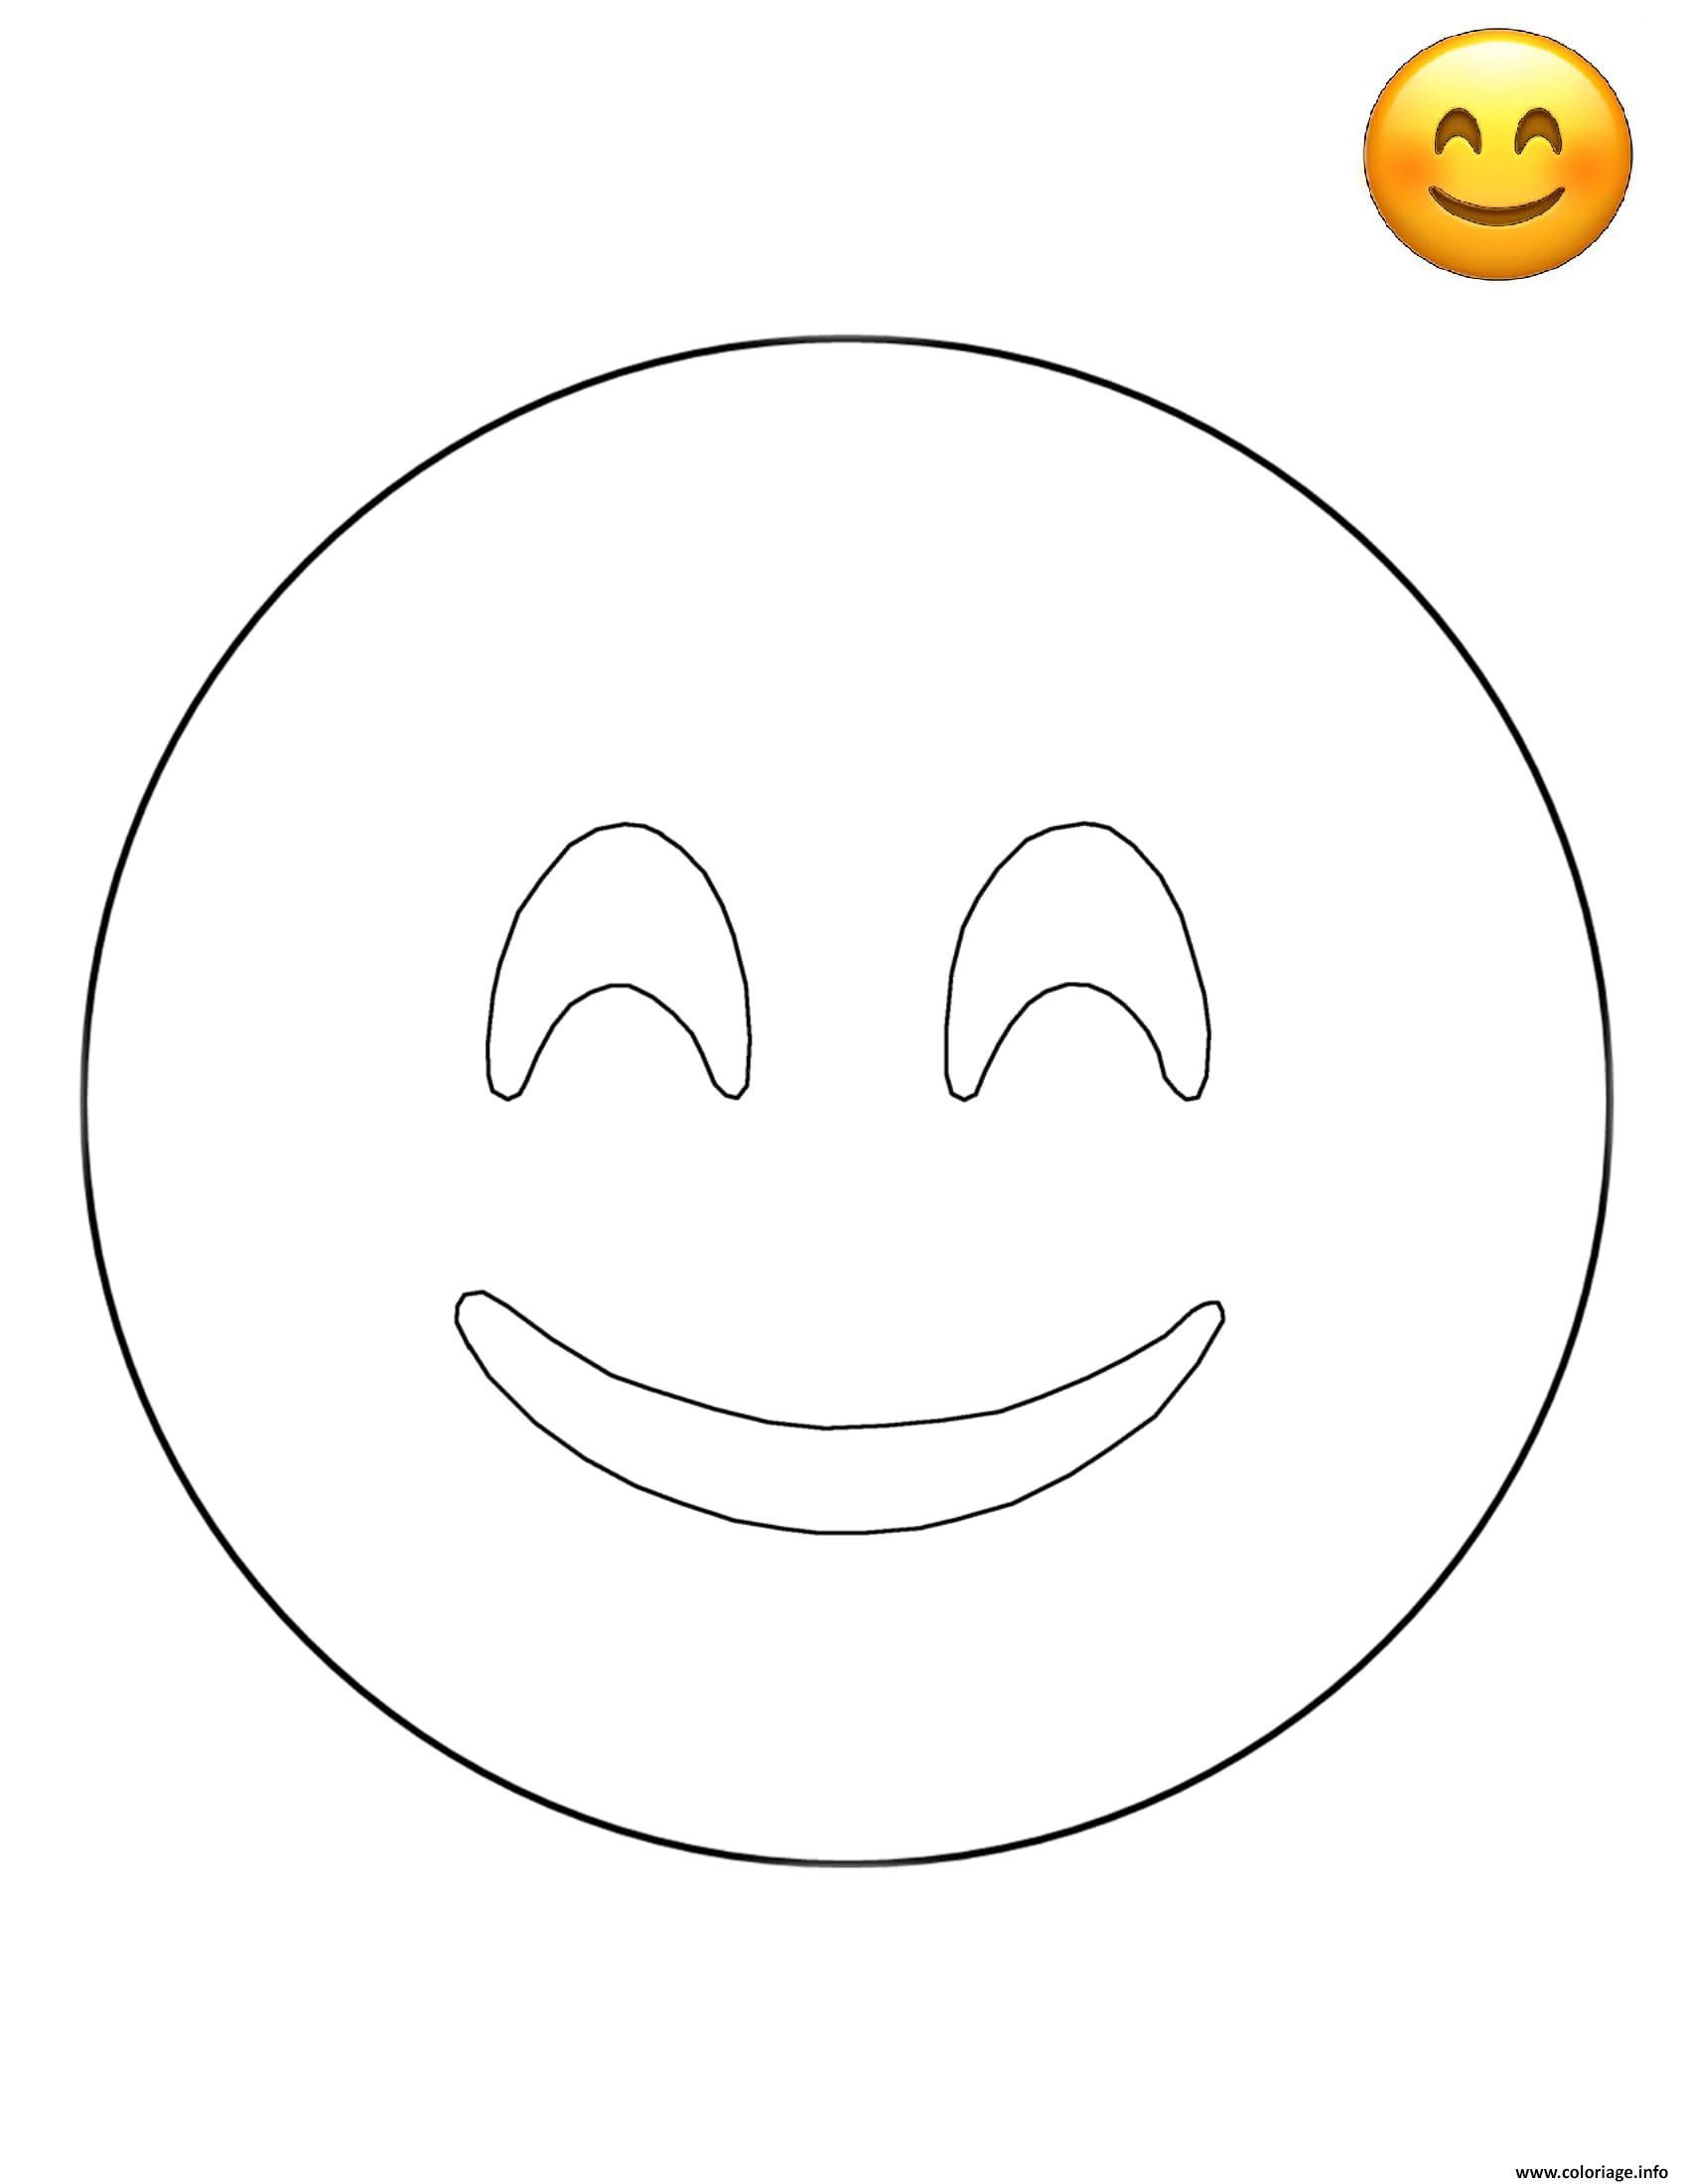 Coloriage emoji smiley face smiley dessin - Smiley coloriage ...